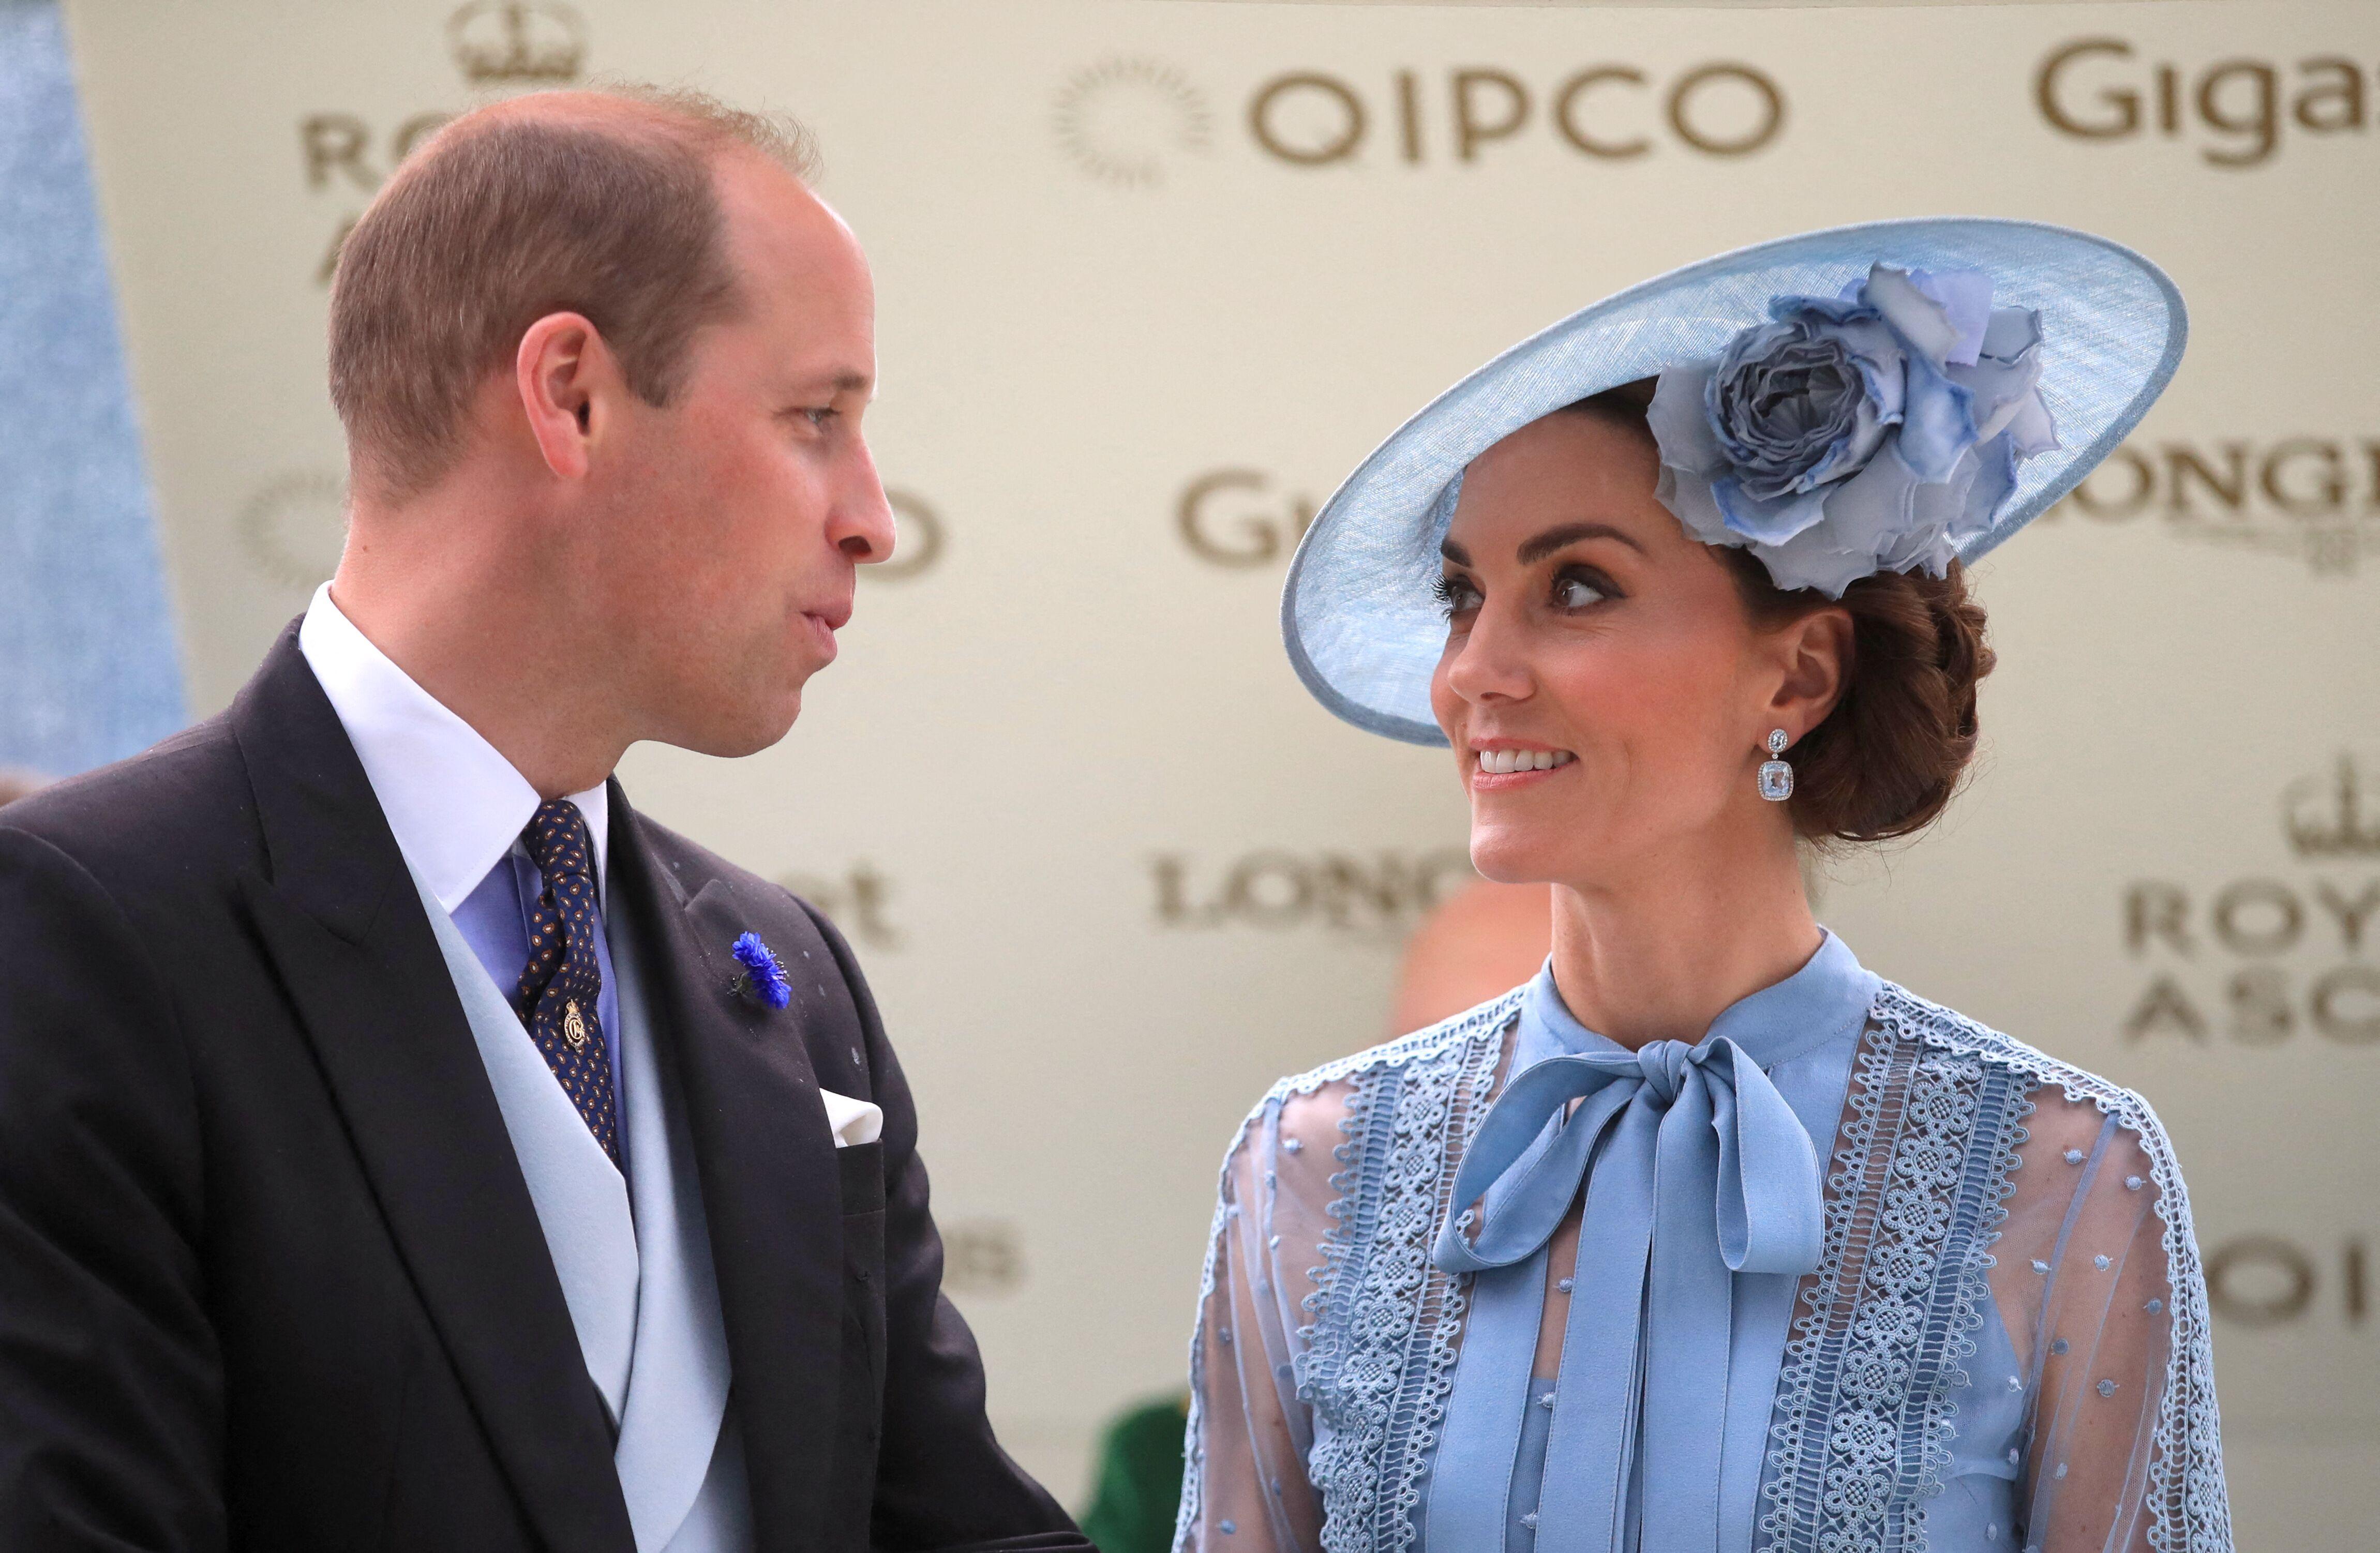 Prince William : comment il a protégé Kate Middleton lorsqu'ils étaient étudiants à Saint-Andrews